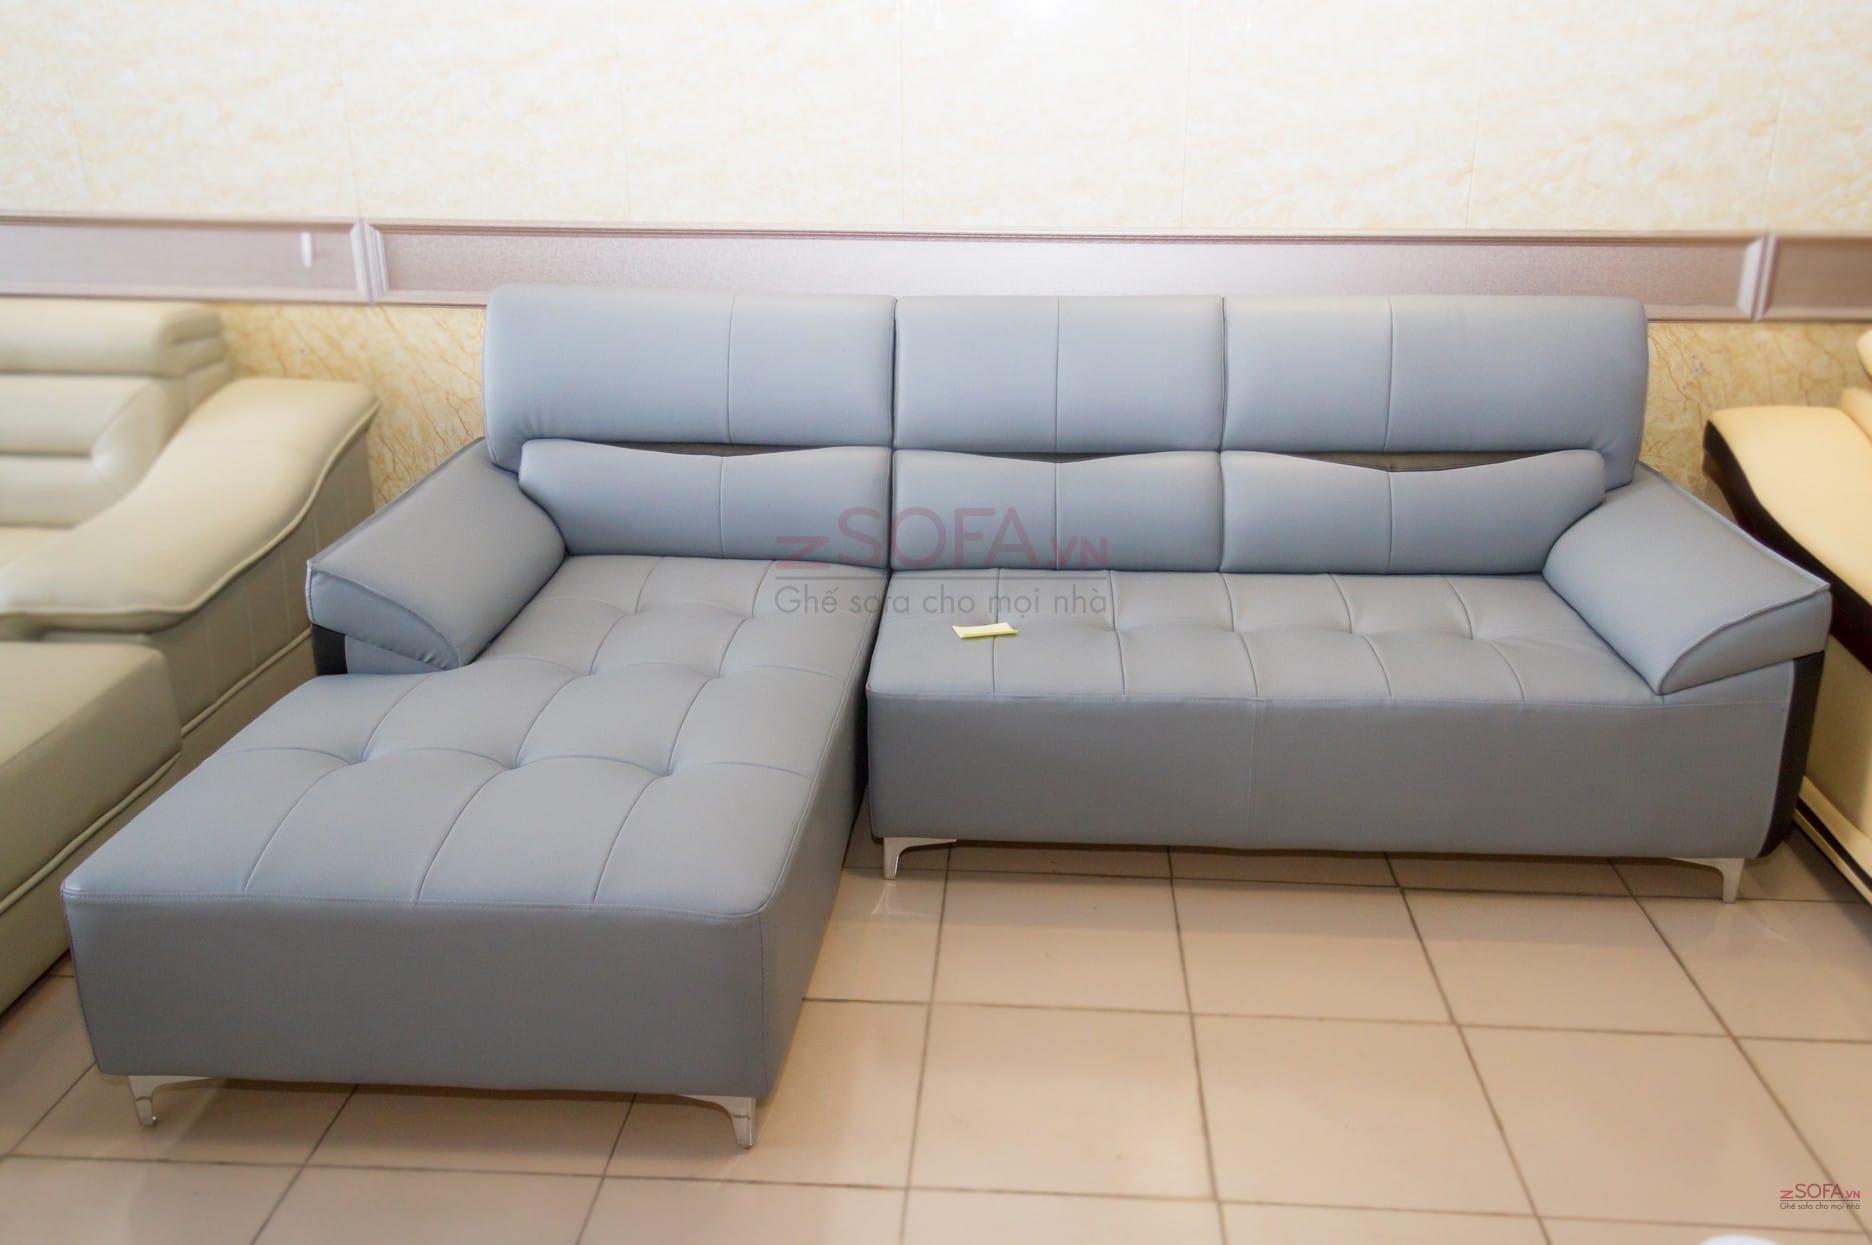 Ghế sofa nỉ góc giá rẻ